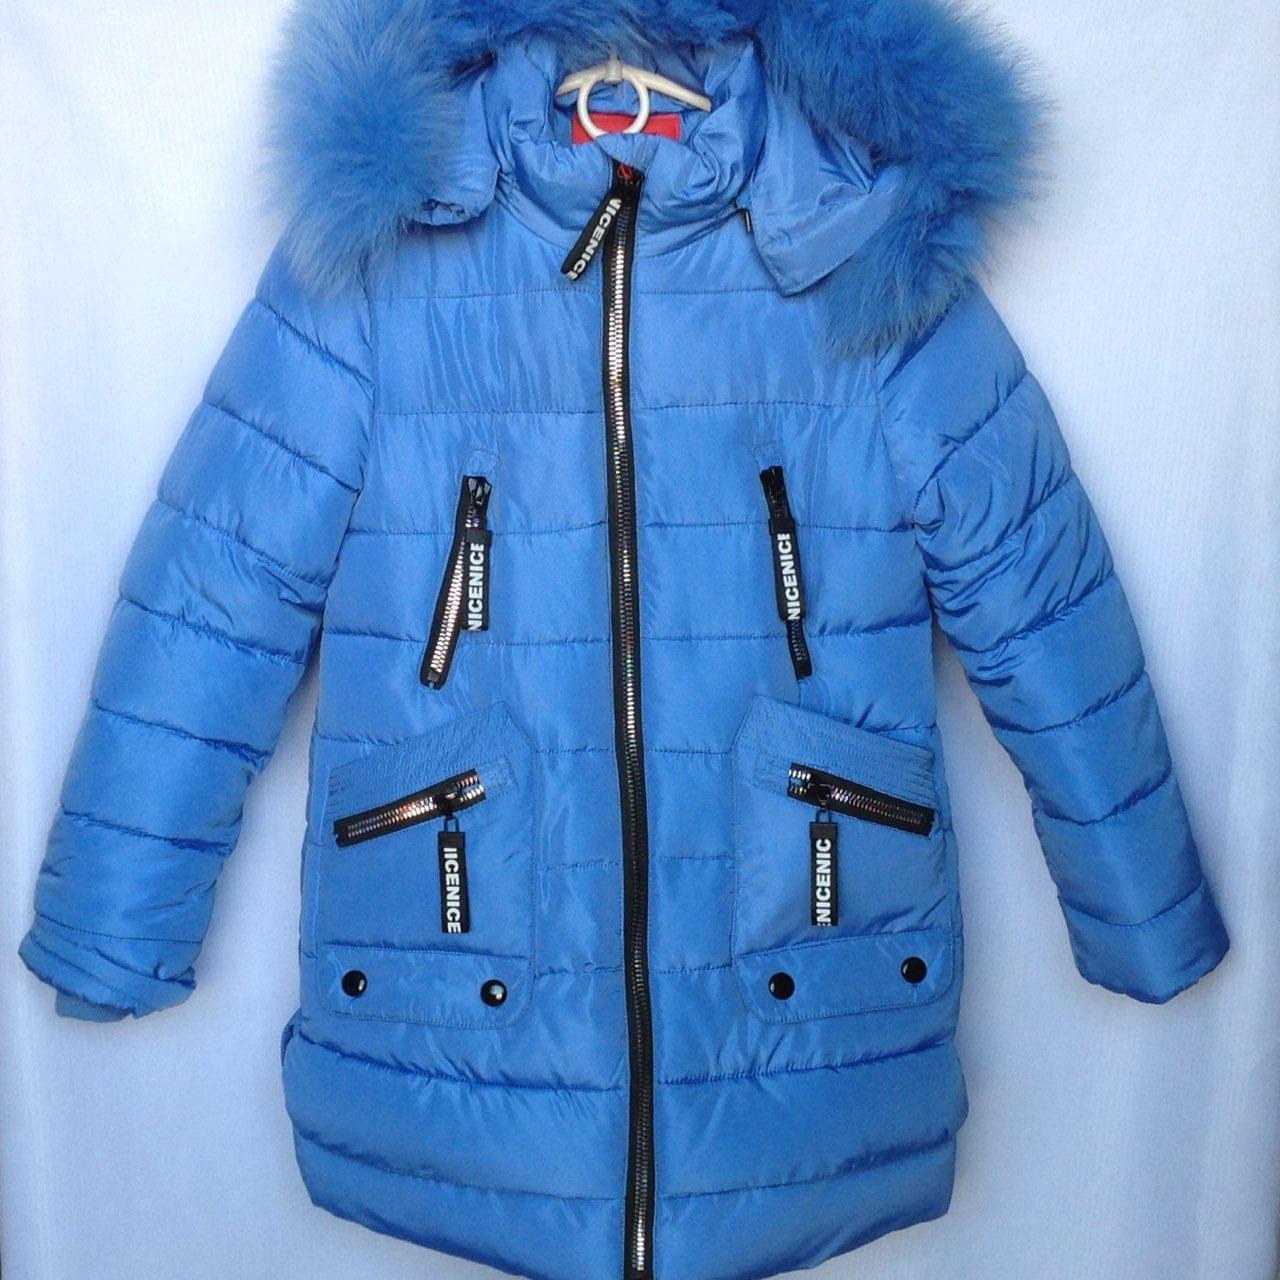 Куртка подростковая зимняя MNK #6014 для девочек. 134-158 см (9-13 лет). Электрик. Оптом.